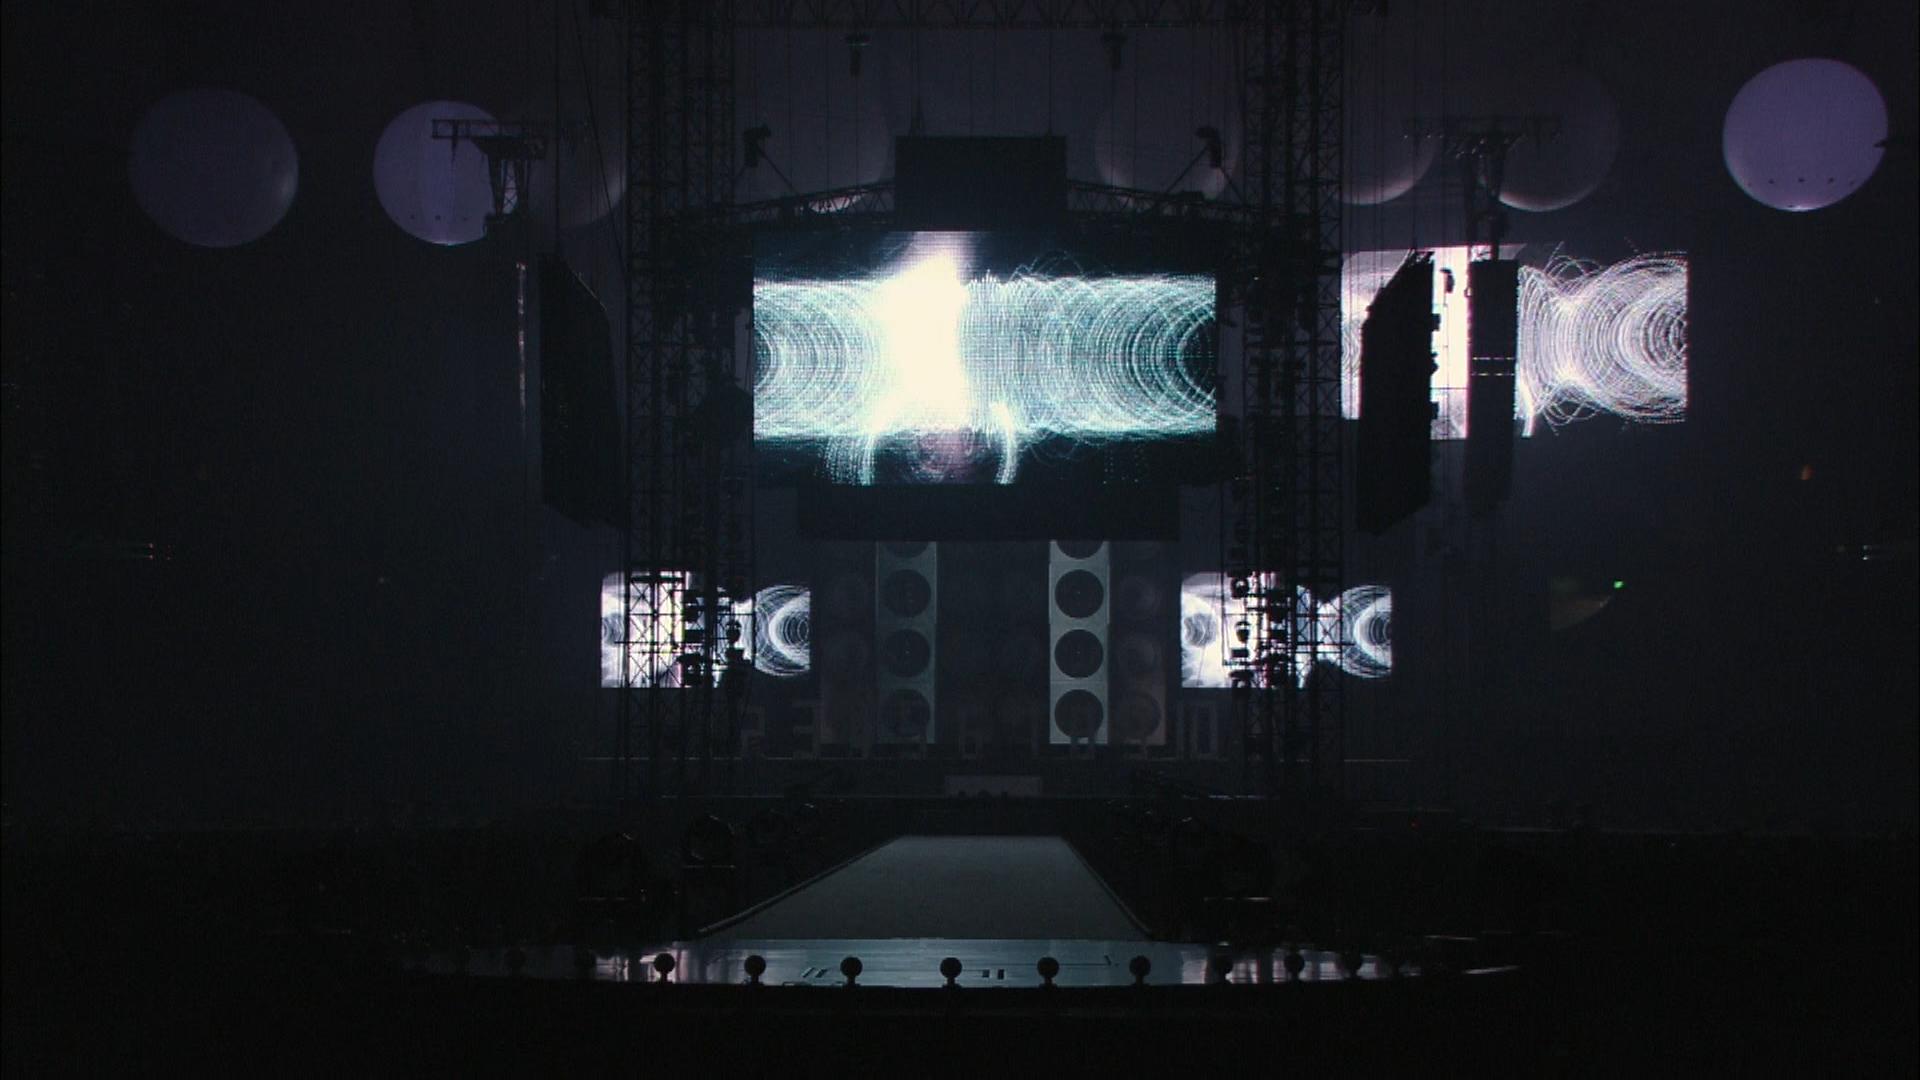 """結成10周年、メジャーデビュー5周年記念! Perfume LIVE @東京ドーム「1 2 3 4 5 6 7 8 9 10 11」""""Perfumeの掟""""メンバー登場前の映像演出"""